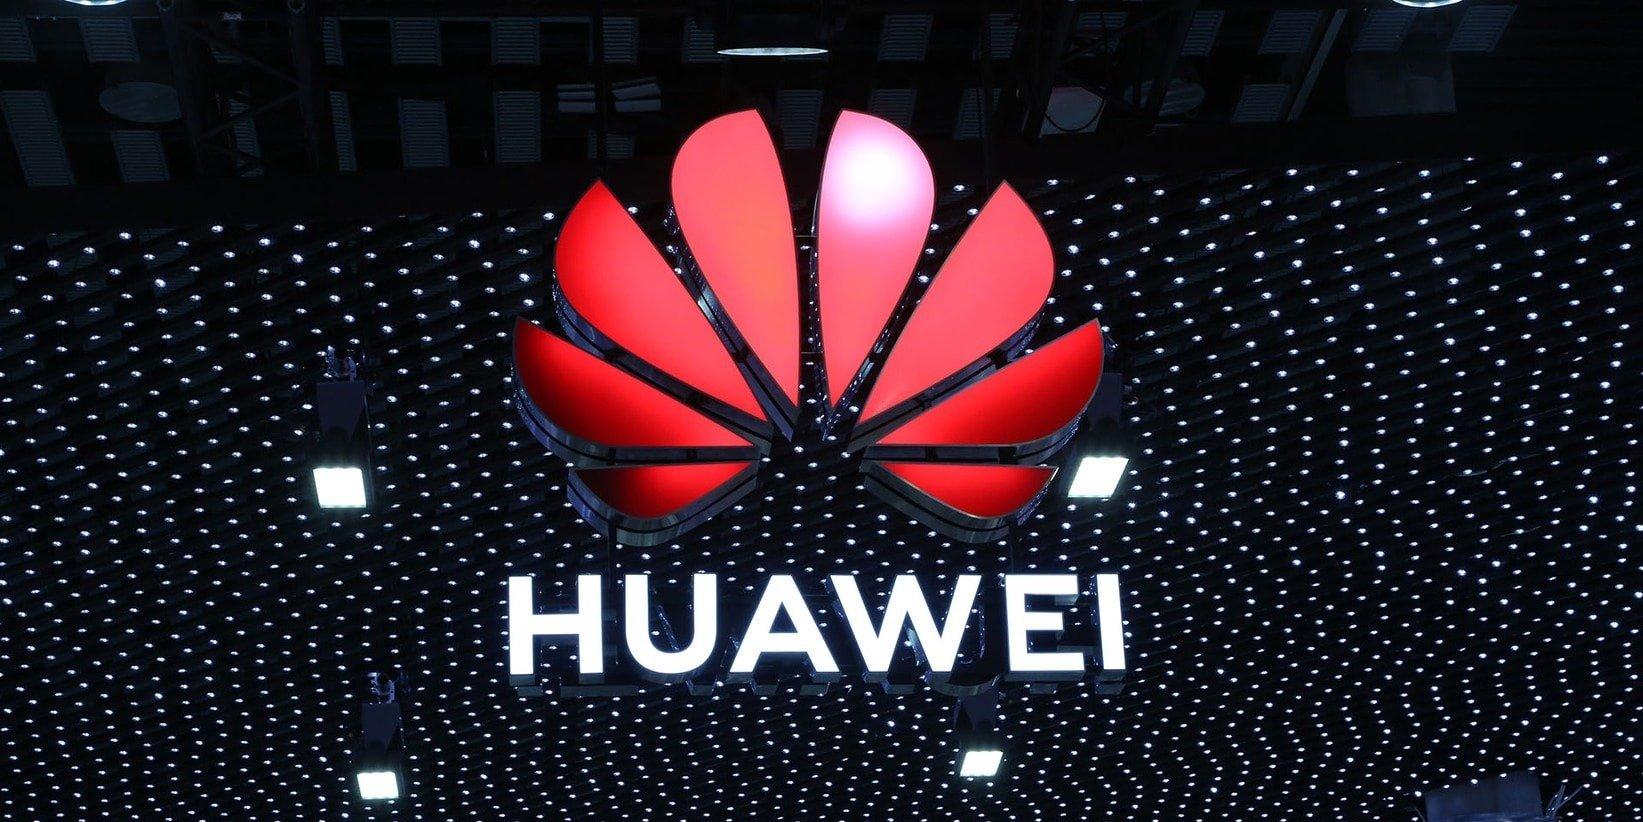 Huawei otworzył nowe centrum badawczo-rozwojowe w Budapeszcie